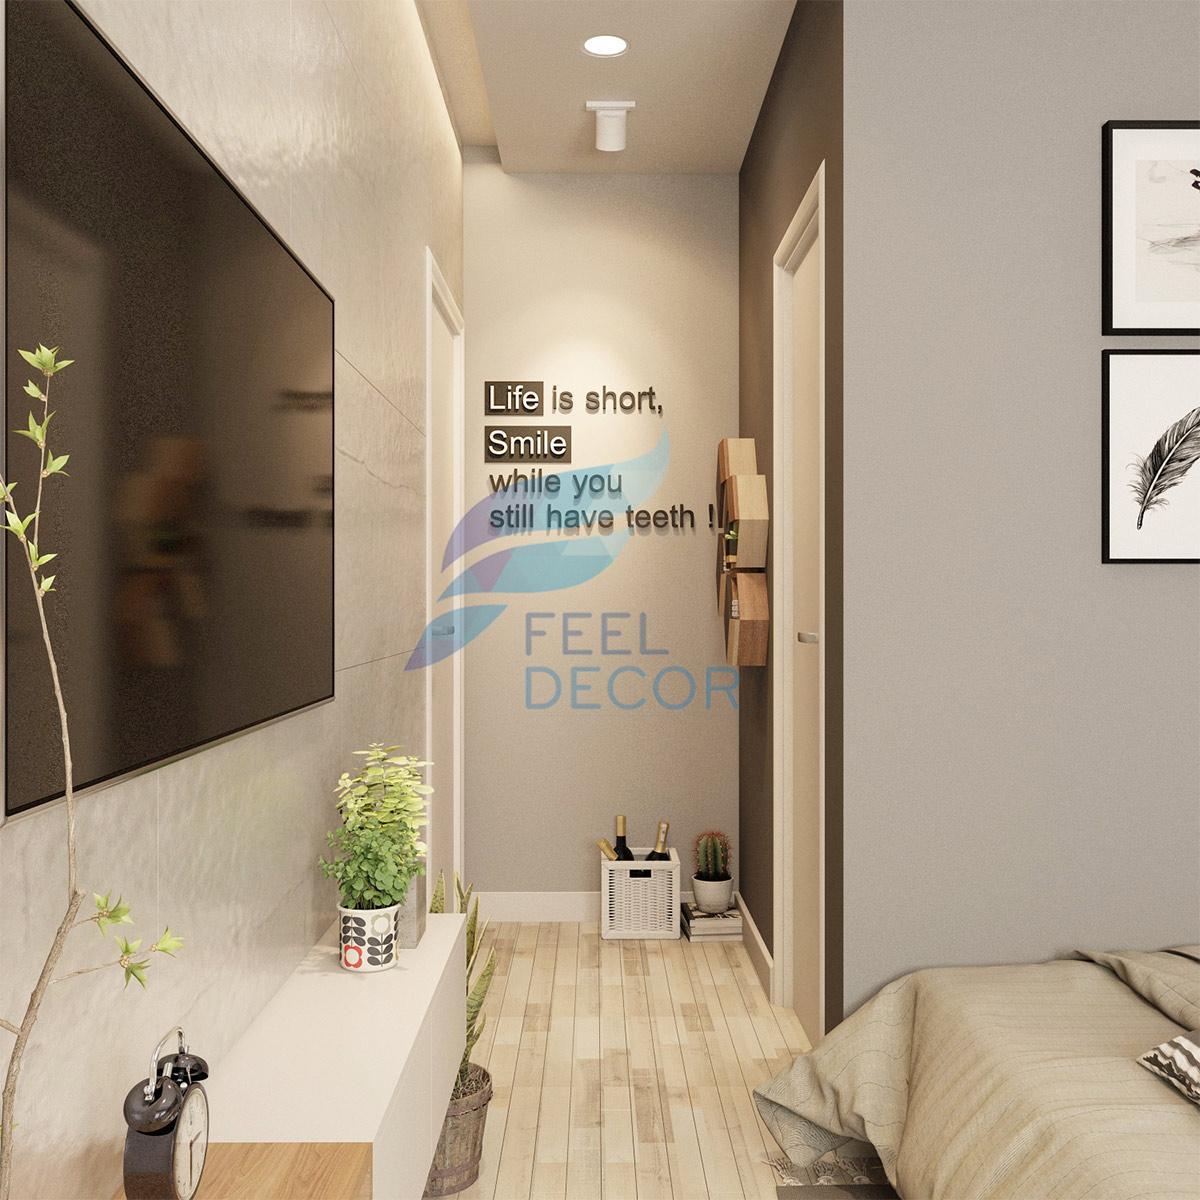 thiết kế nội thất căn hộ 1 người ở 73m2 tại chung cư The Everrich Infinity